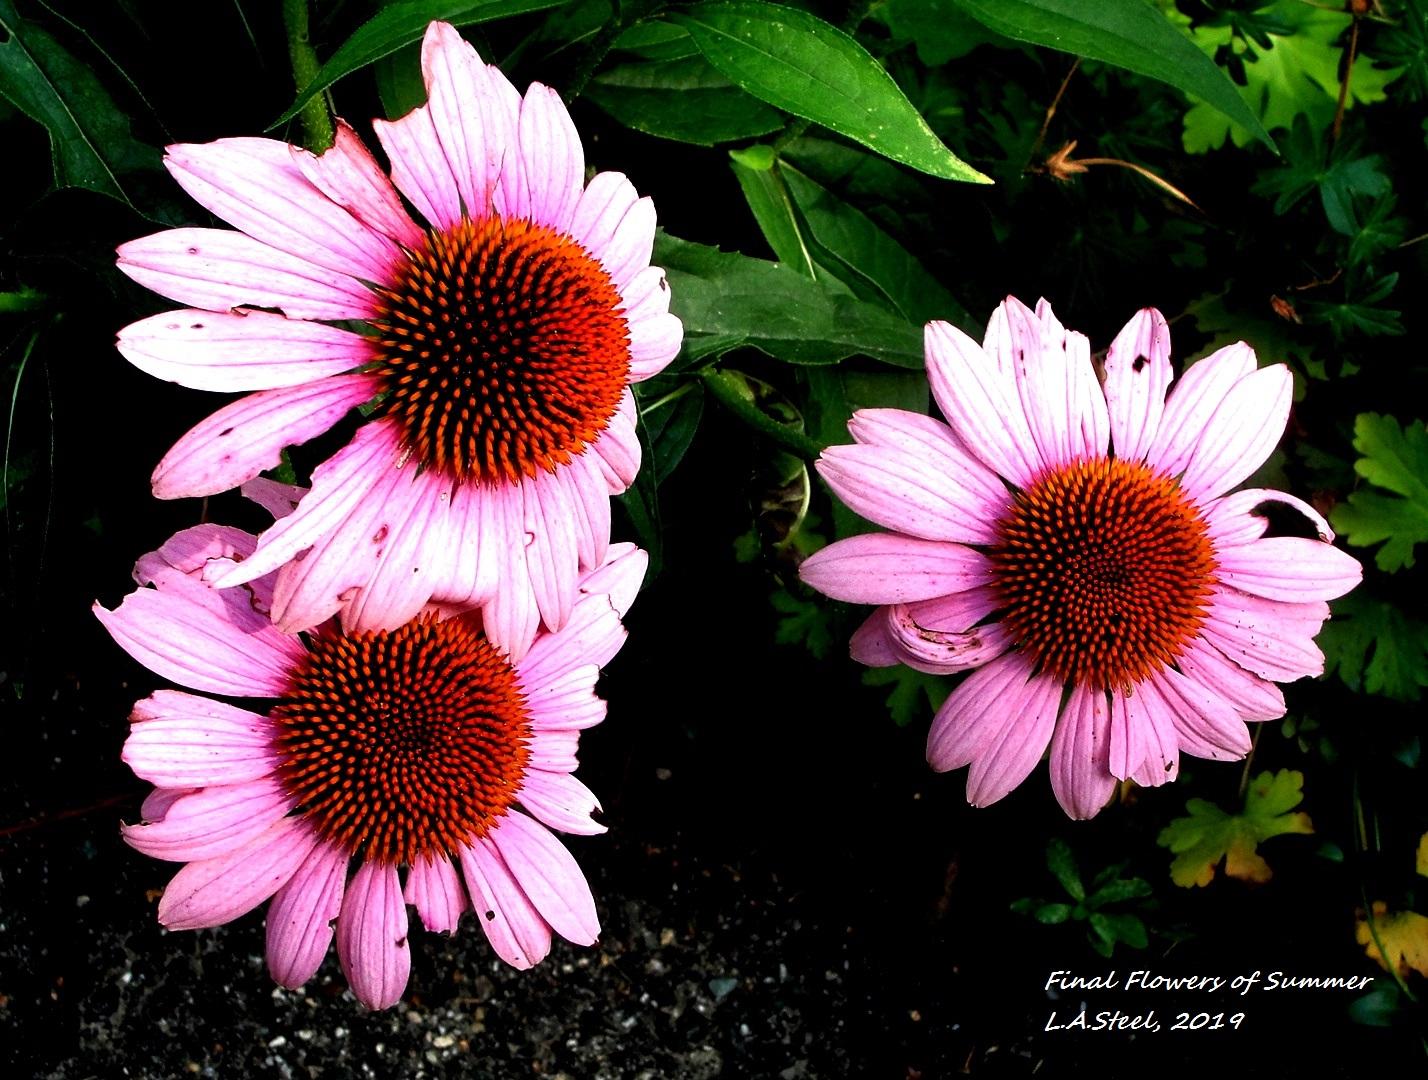 final flowers of summer 2019